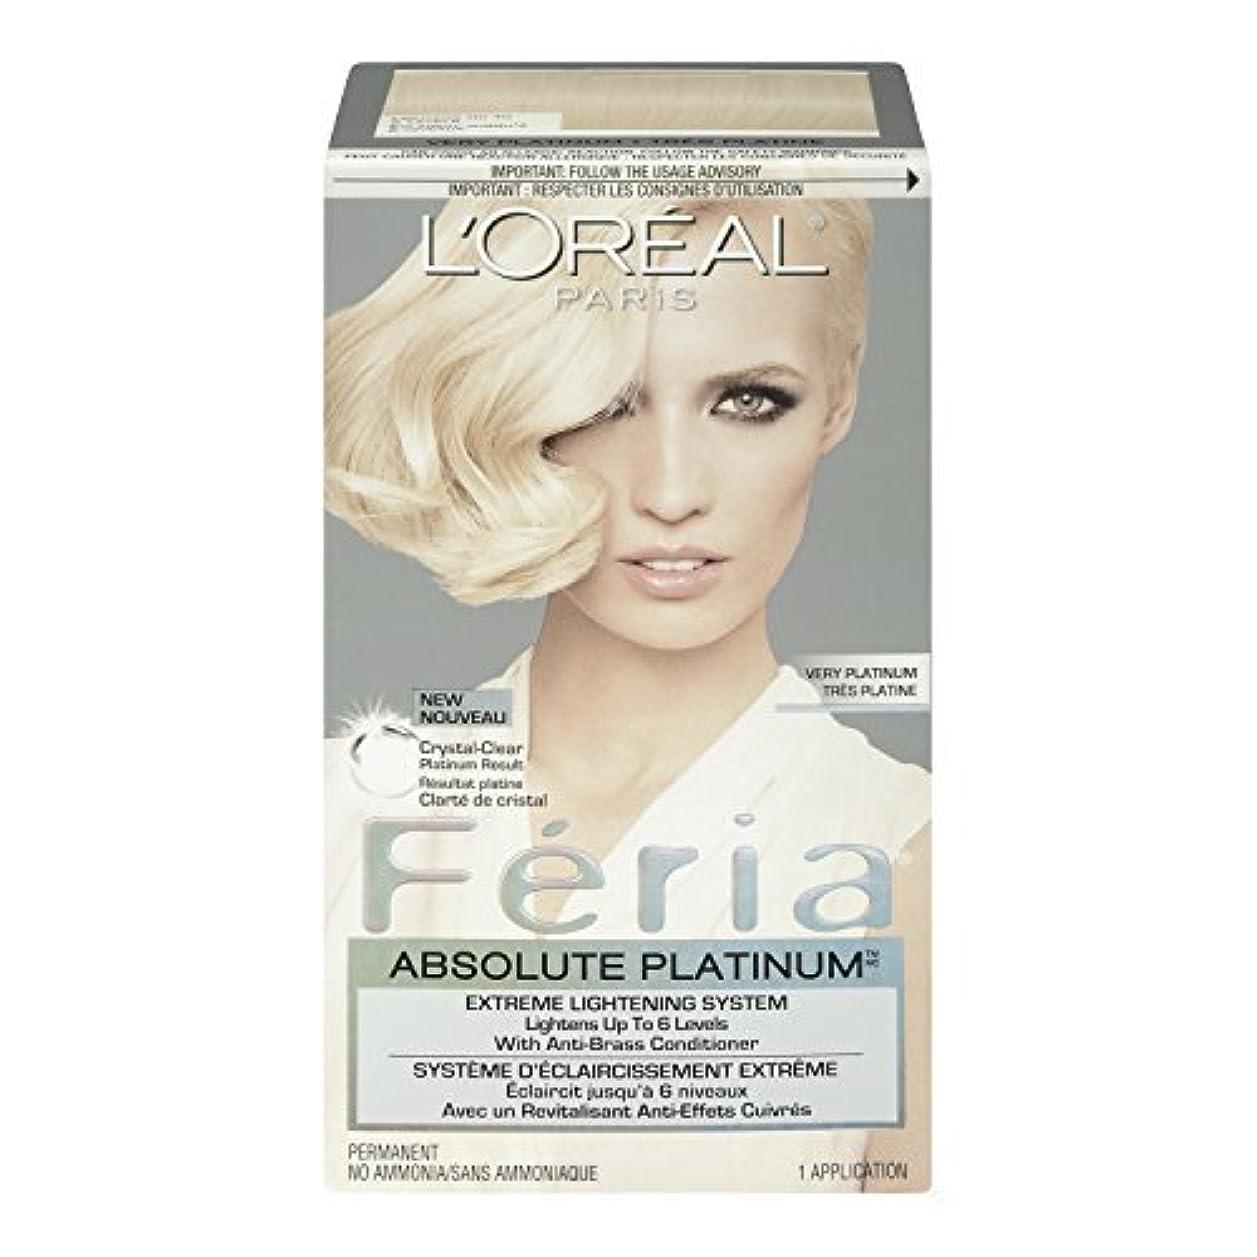 飛ぶ上げる引退するL'Oreal Feria Absolute Platinums Hair Color, Very Platinum by L'Oreal Paris Hair Color [並行輸入品]